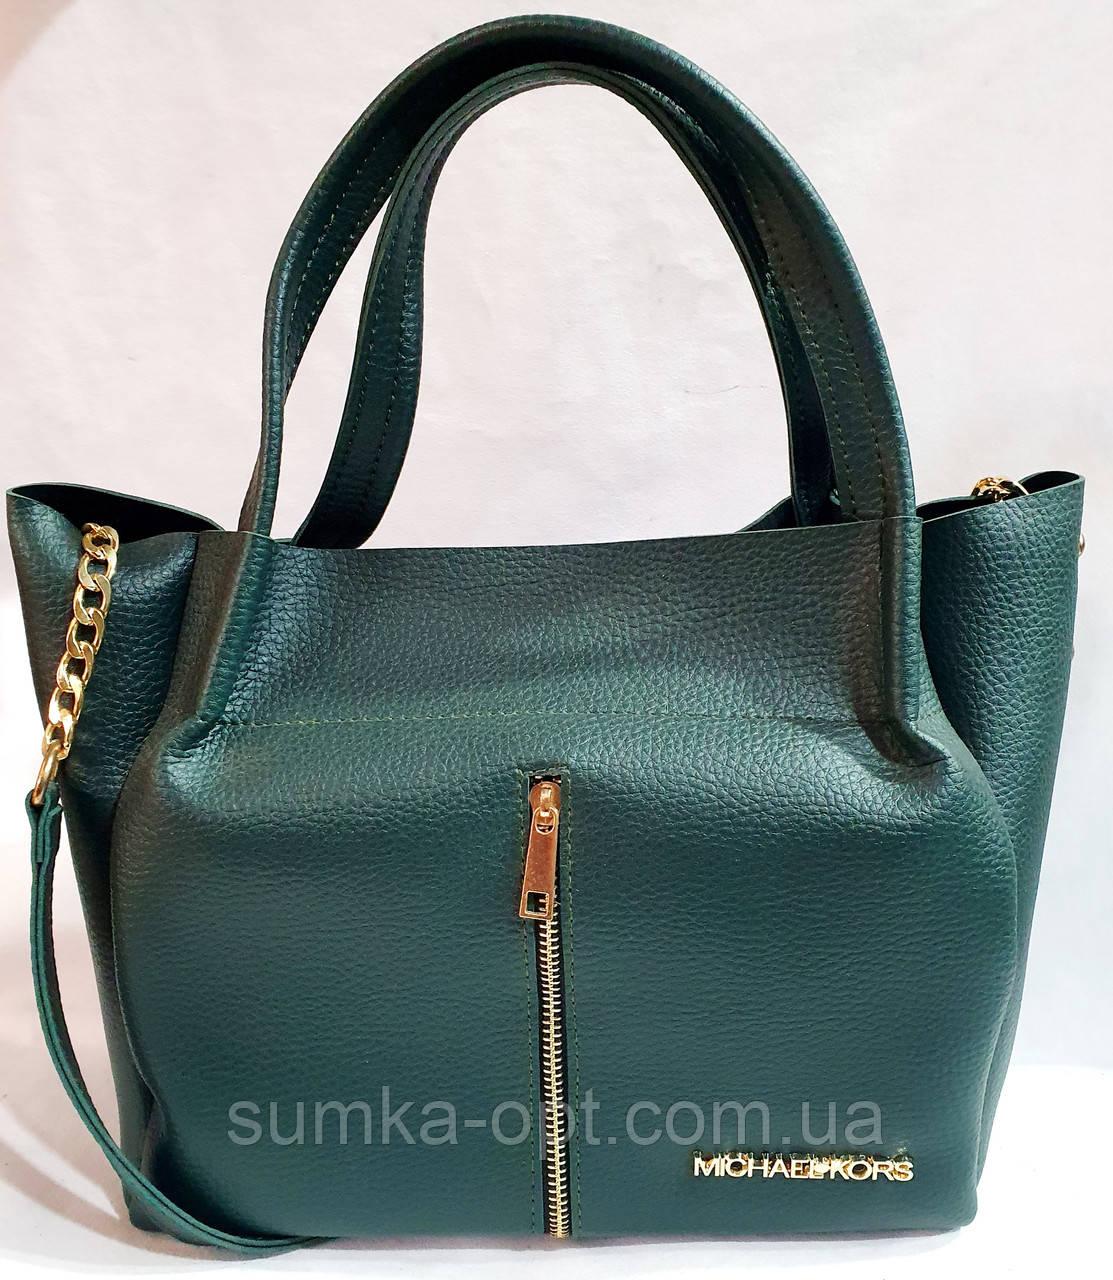 Брендовая женская сумка Michael Kors зеленая из искусственной кожи 29*25 см